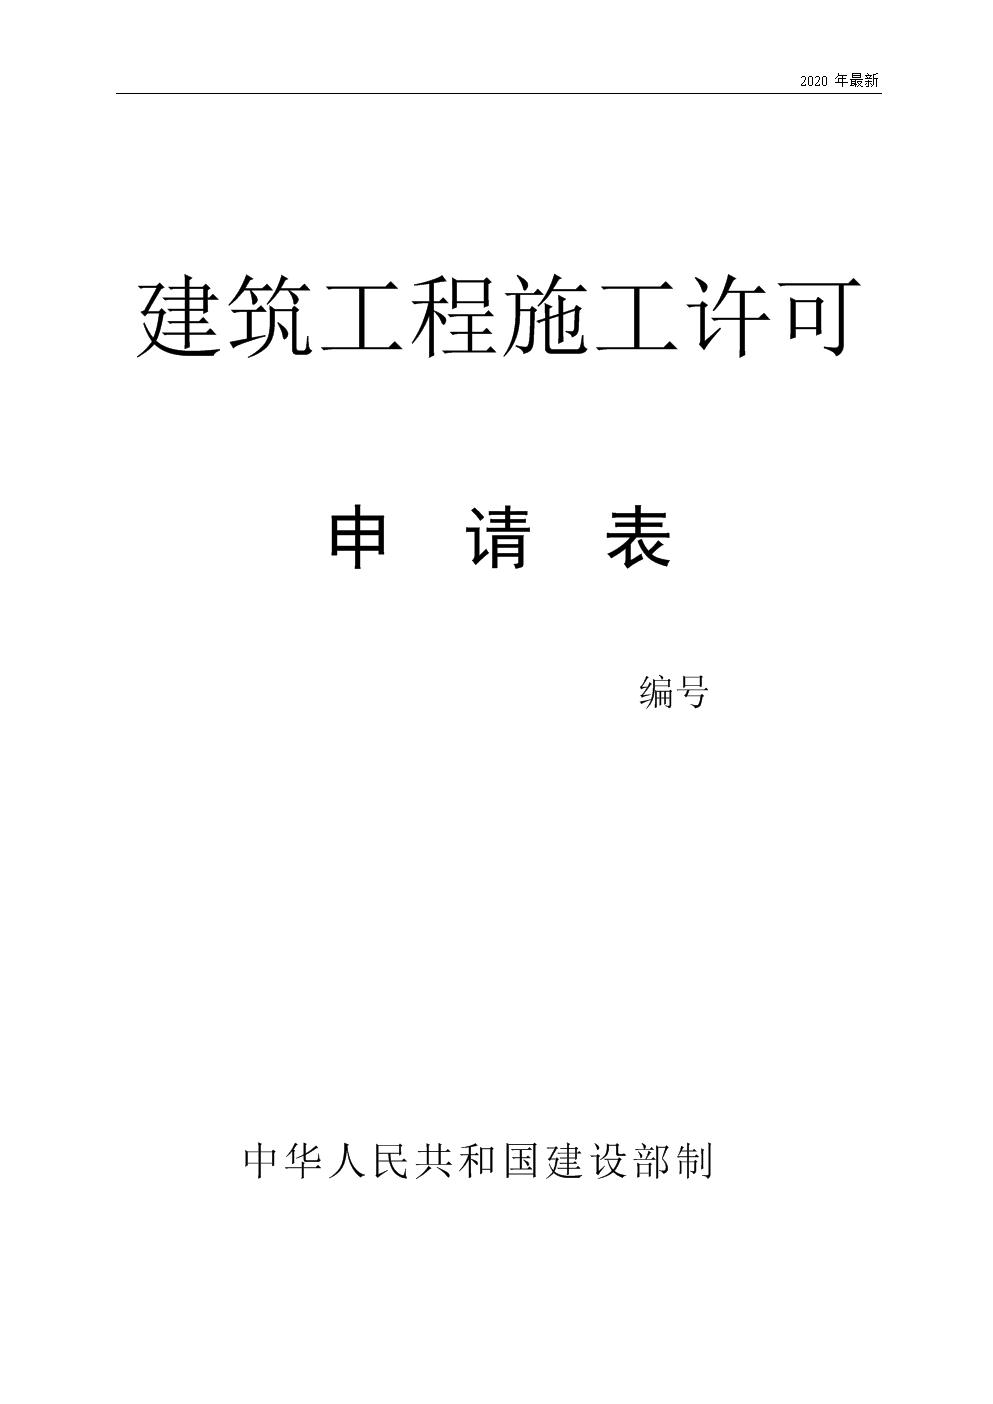 2020施工许可证申请表.doc